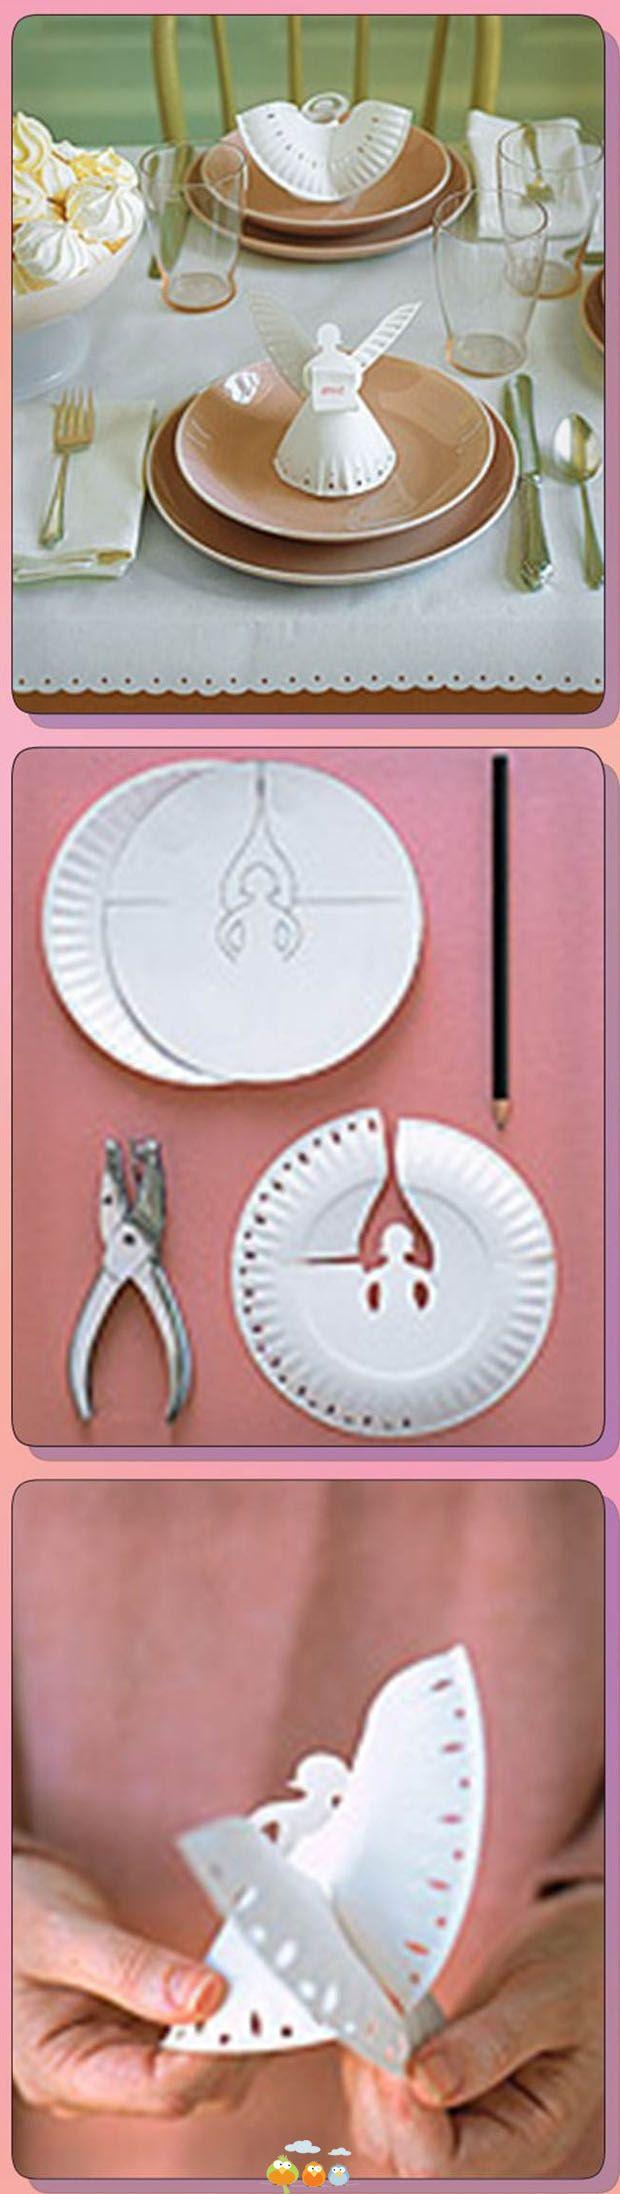 DIY Cute Angels from Recycled paper plate decor table Party Christmas Simple Inexpensive craft +++ Angel hecho a mano de plato de papel recortado Facil rapido Barato decoracion mesa Navidad More